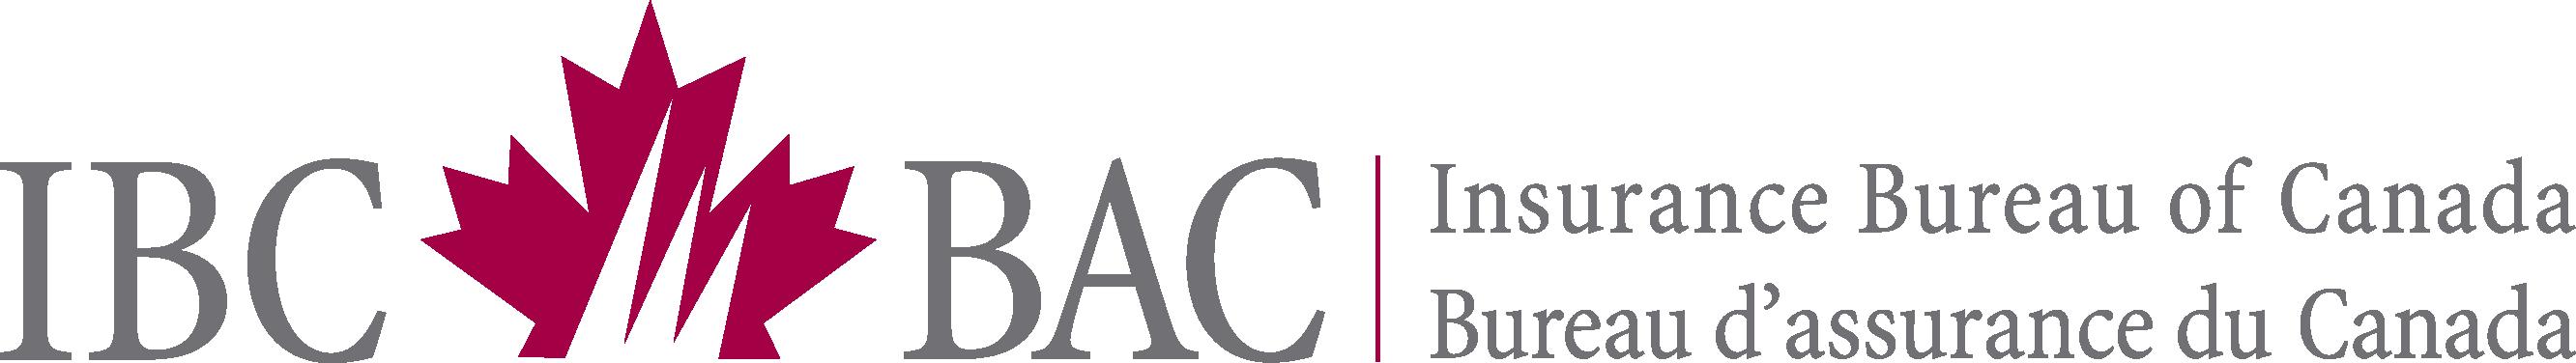 https://ppforum.ca/wp-content/uploads/2020/09/IBC-bilingual-logo.png